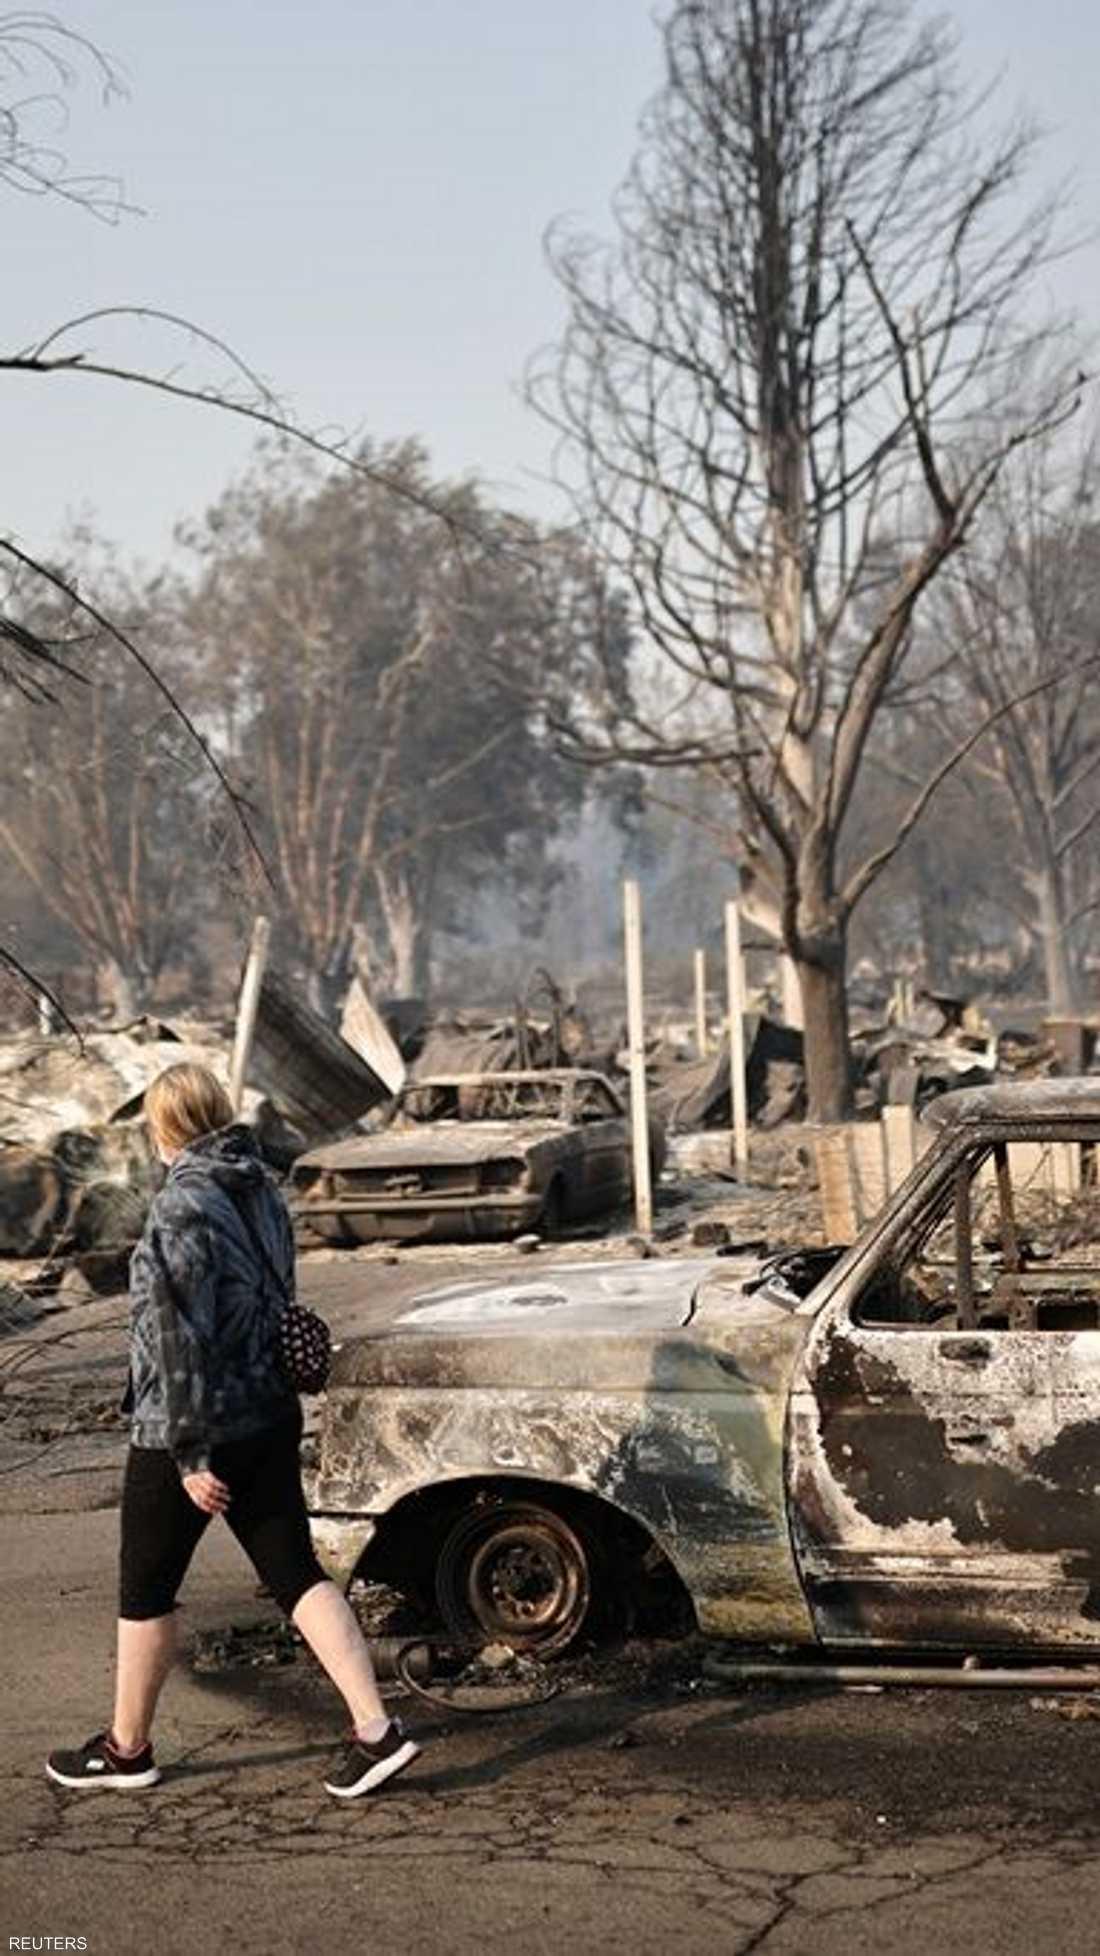 السلطات طلبت من مئات الآلاف من السكان النزوح من بلداتهم